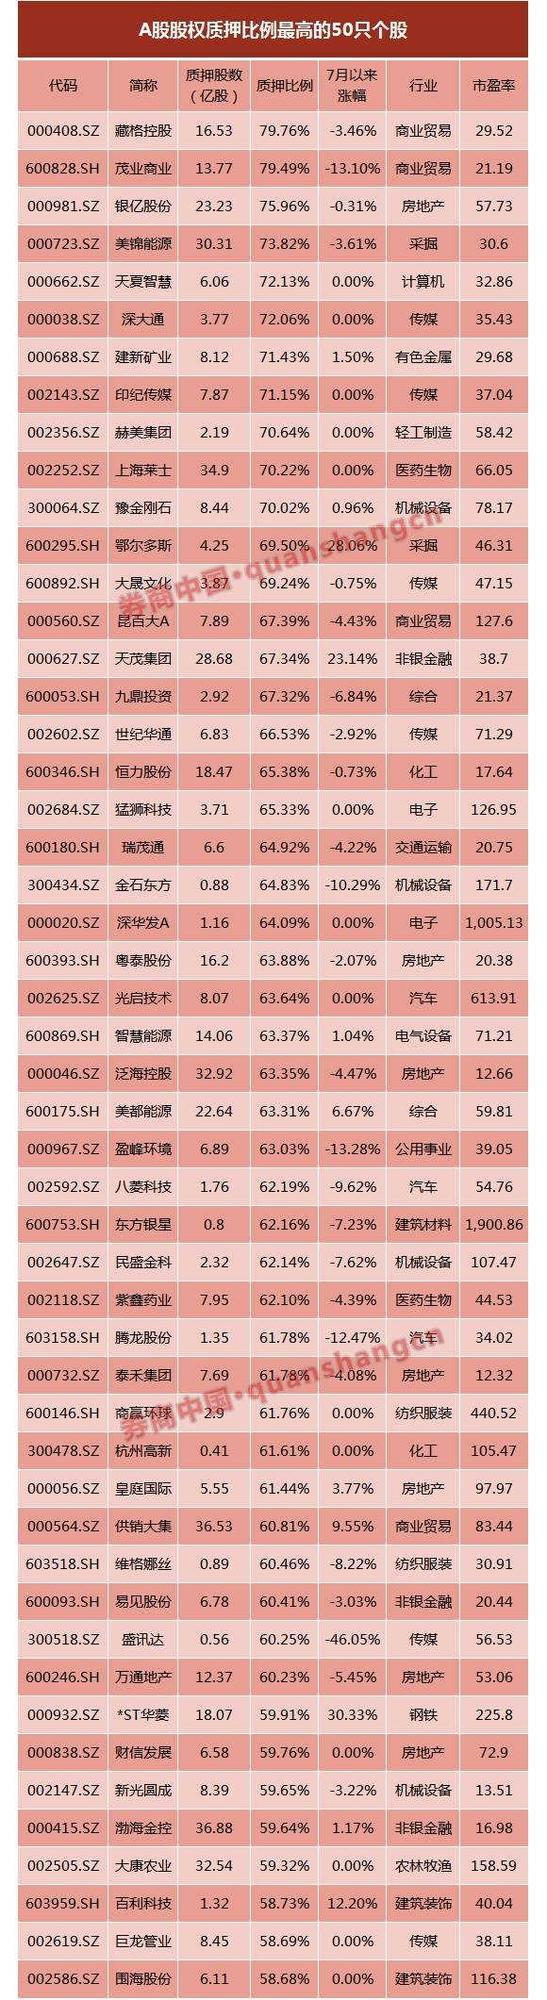 又见跌破平仓线!停牌股票增多盯防这些股(名单)